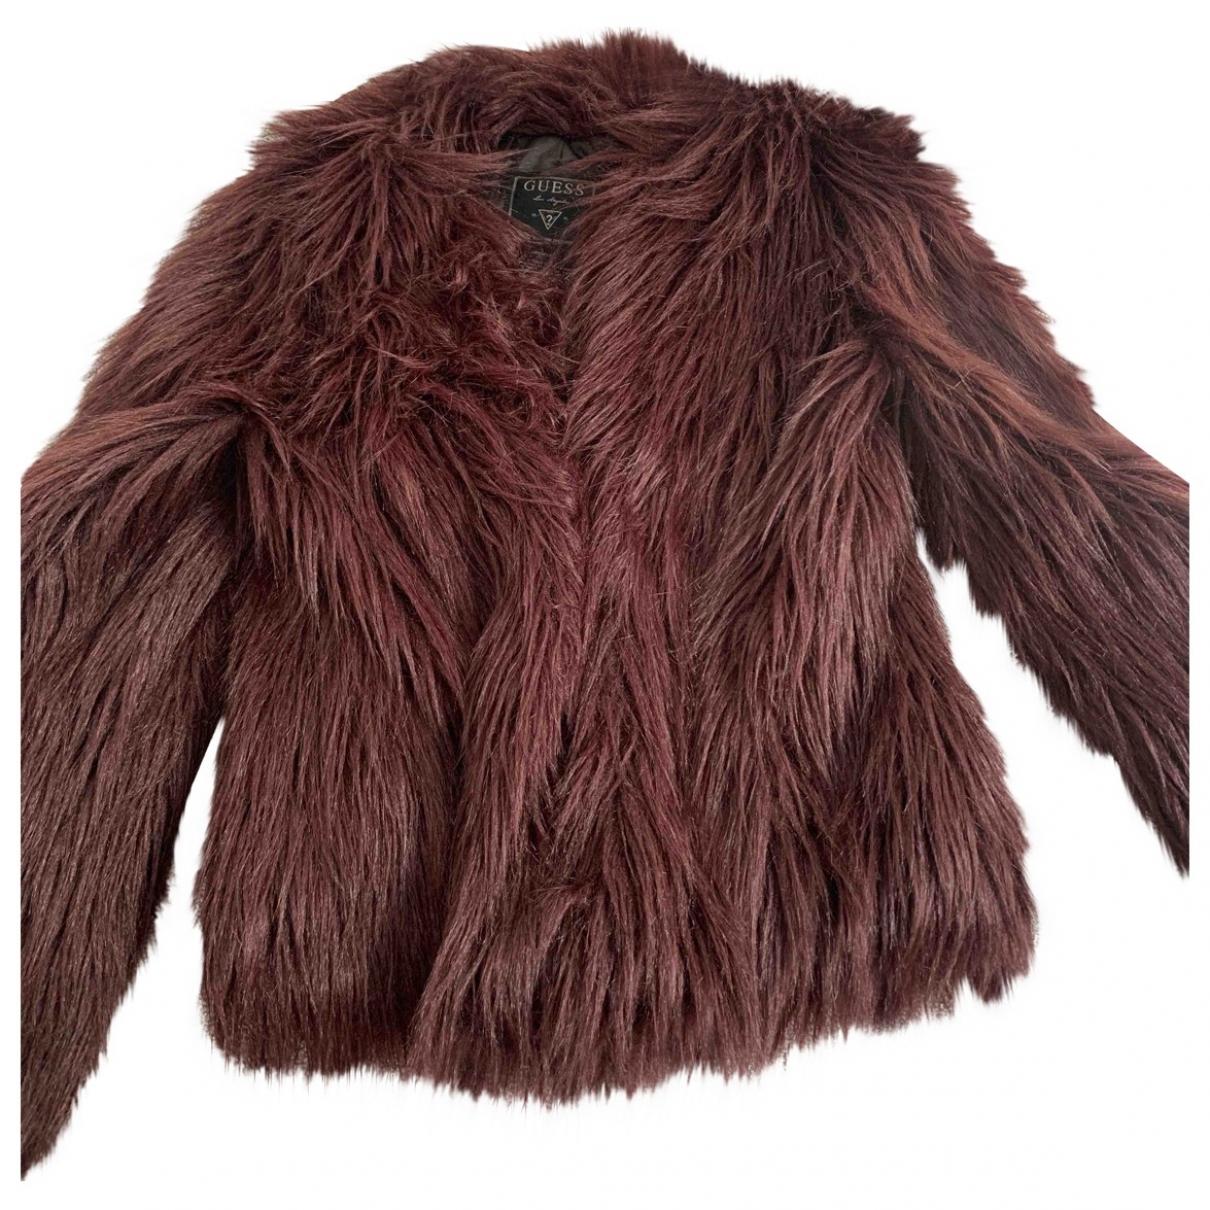 Guess - Manteau   pour femme en fourrure synthetique - bordeaux